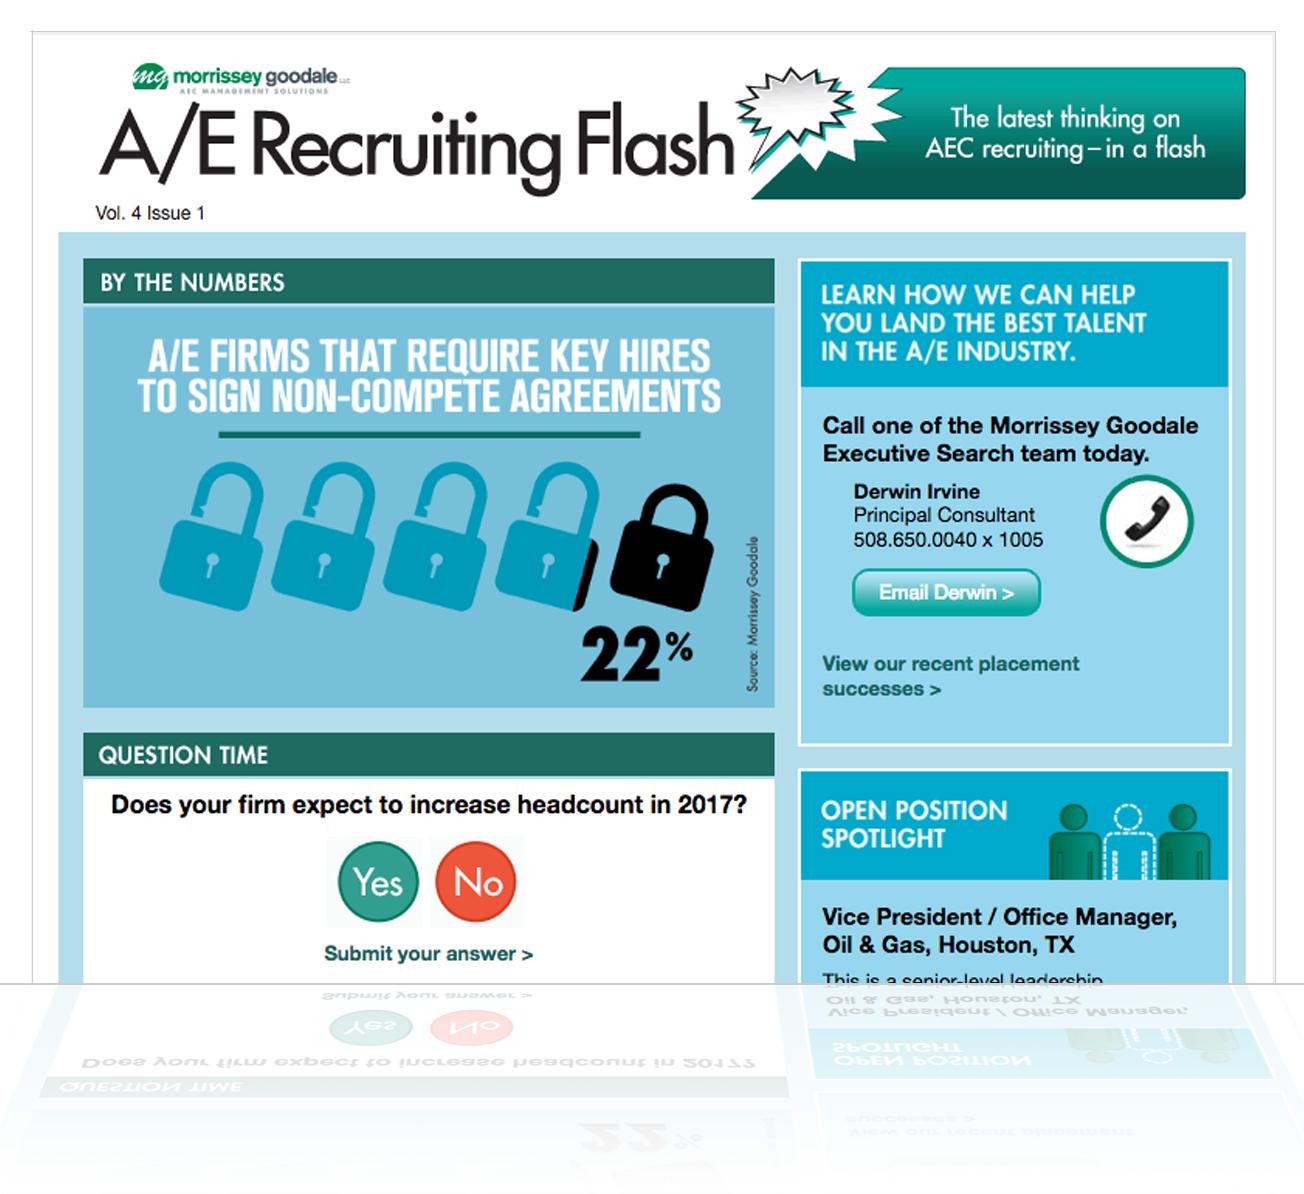 AEC Recruiting - A/E Executive Search